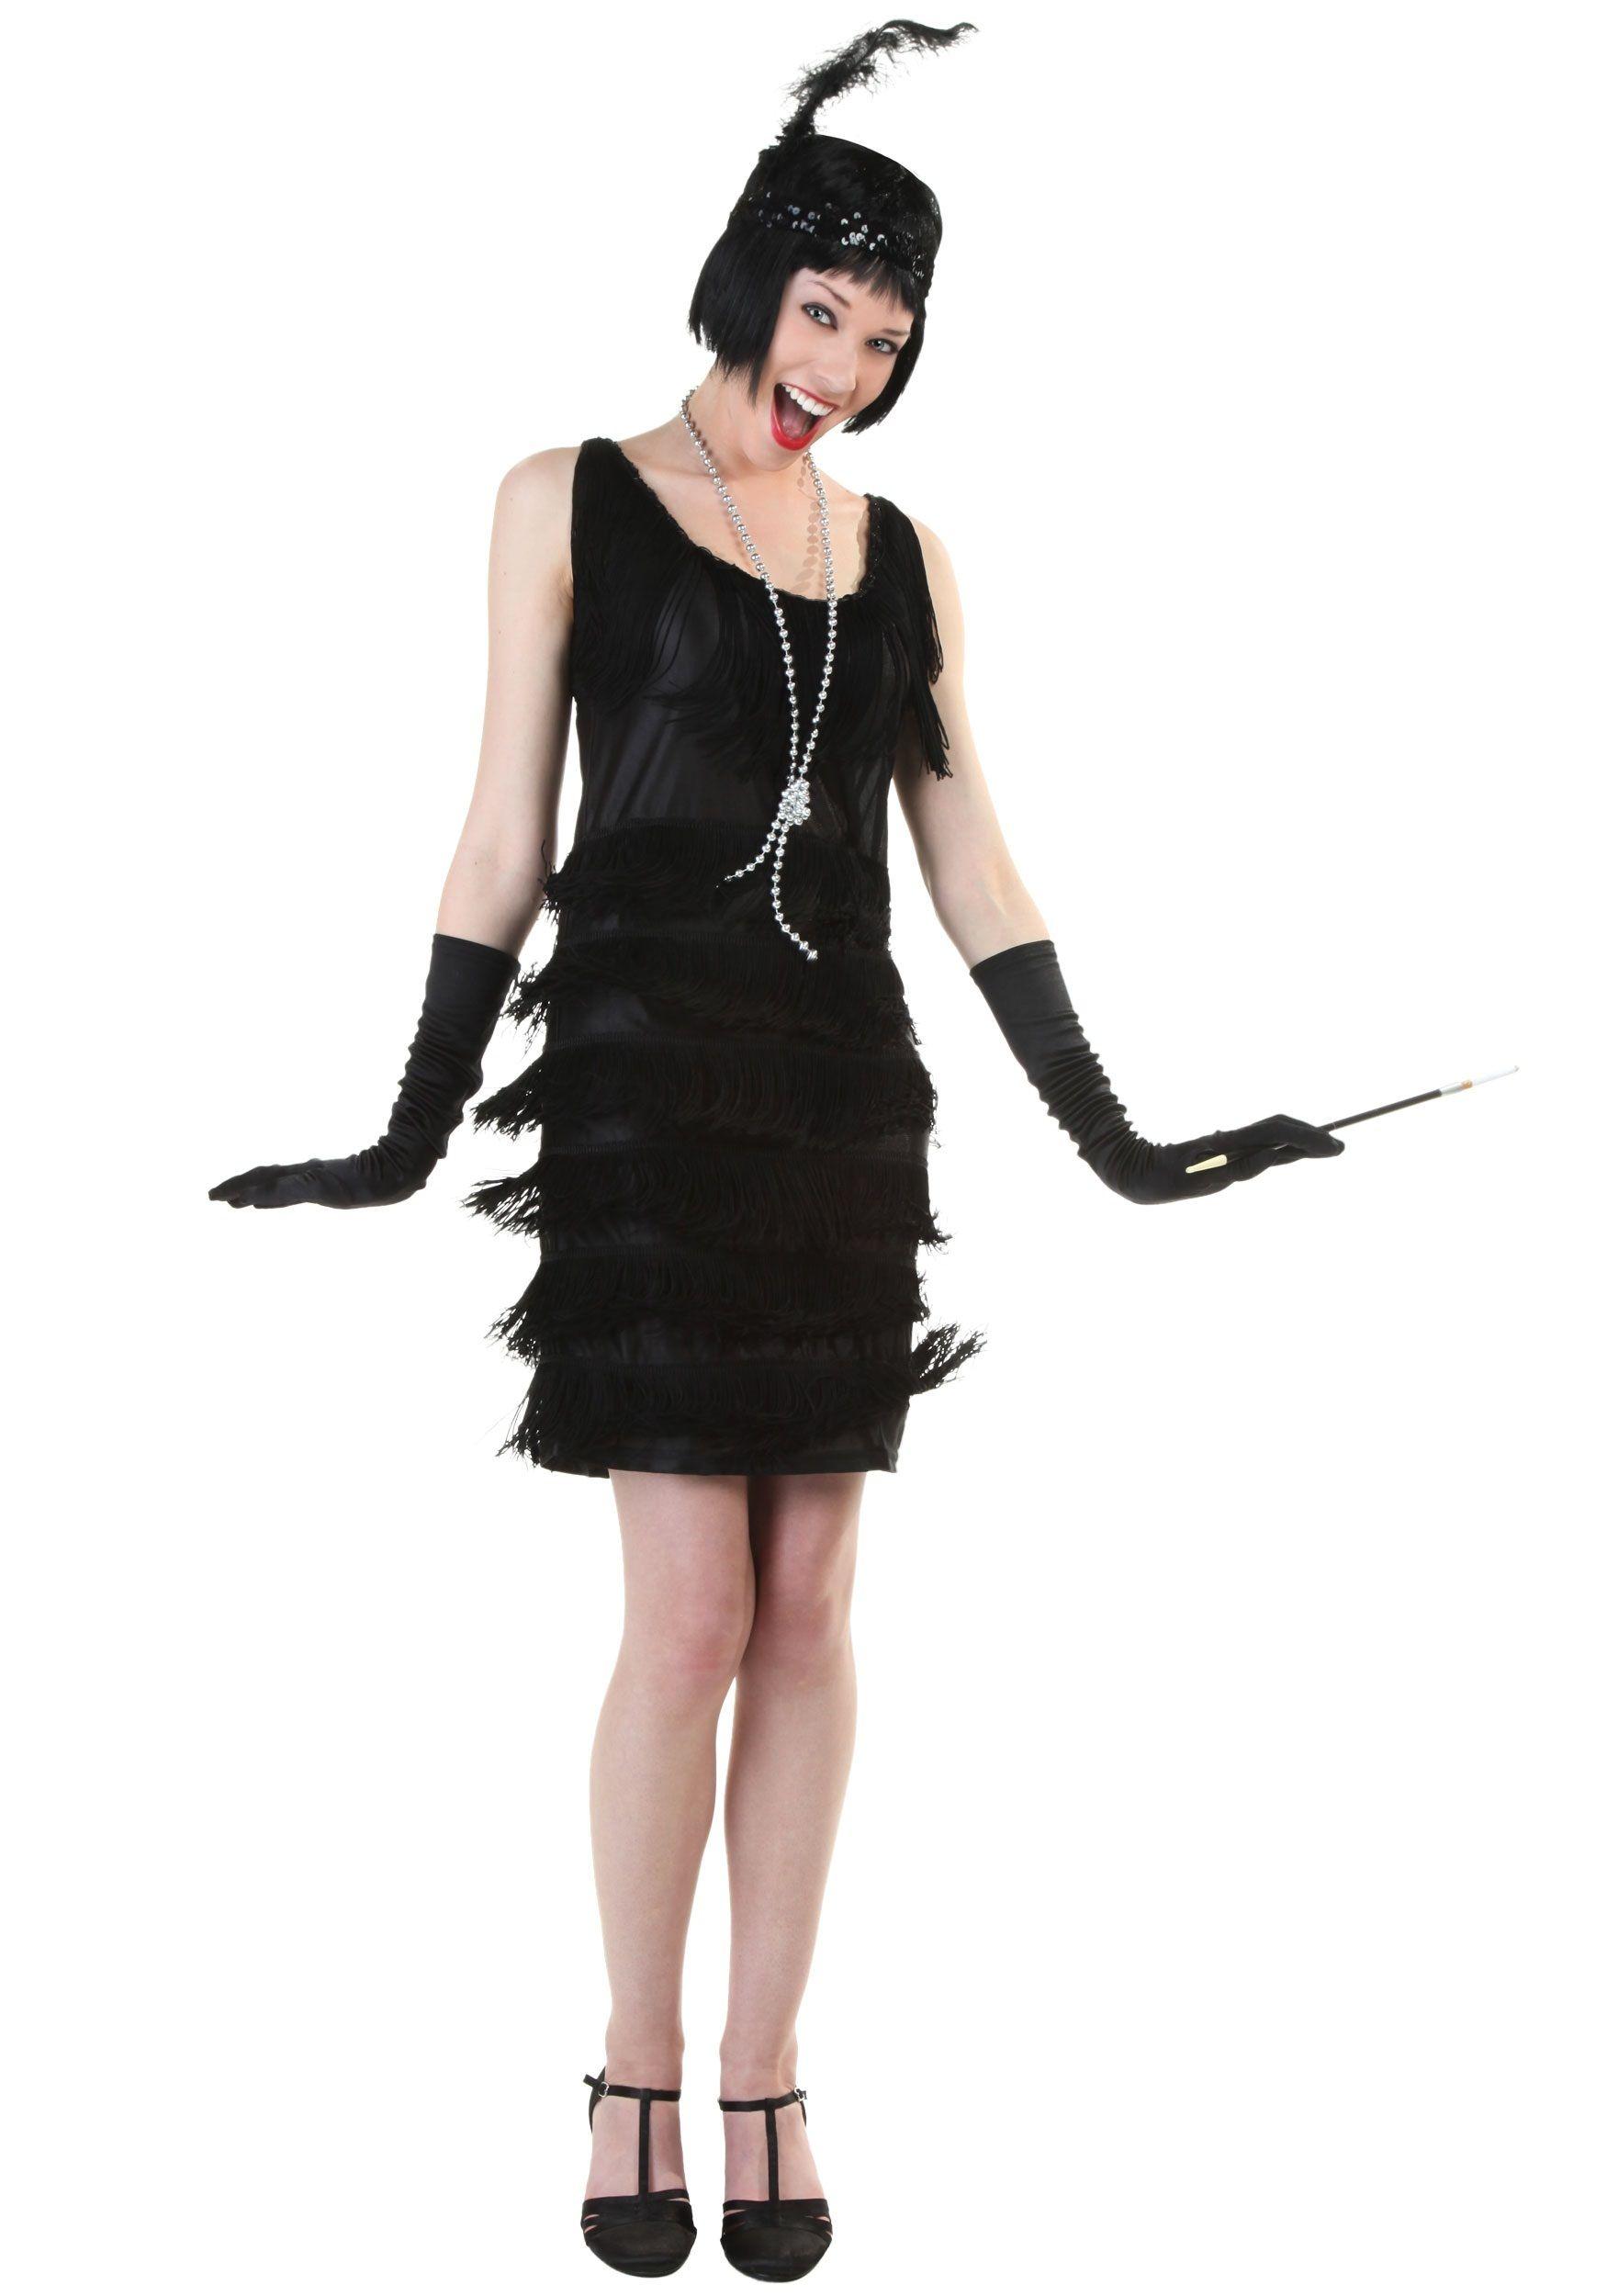 bb015e5ea03d Plus Size 1920's Flapper Costume. Plus Size 1920's Flapper Costume Flapper  Dresses For Sale, Black Flapper Dress, Vintage 20s